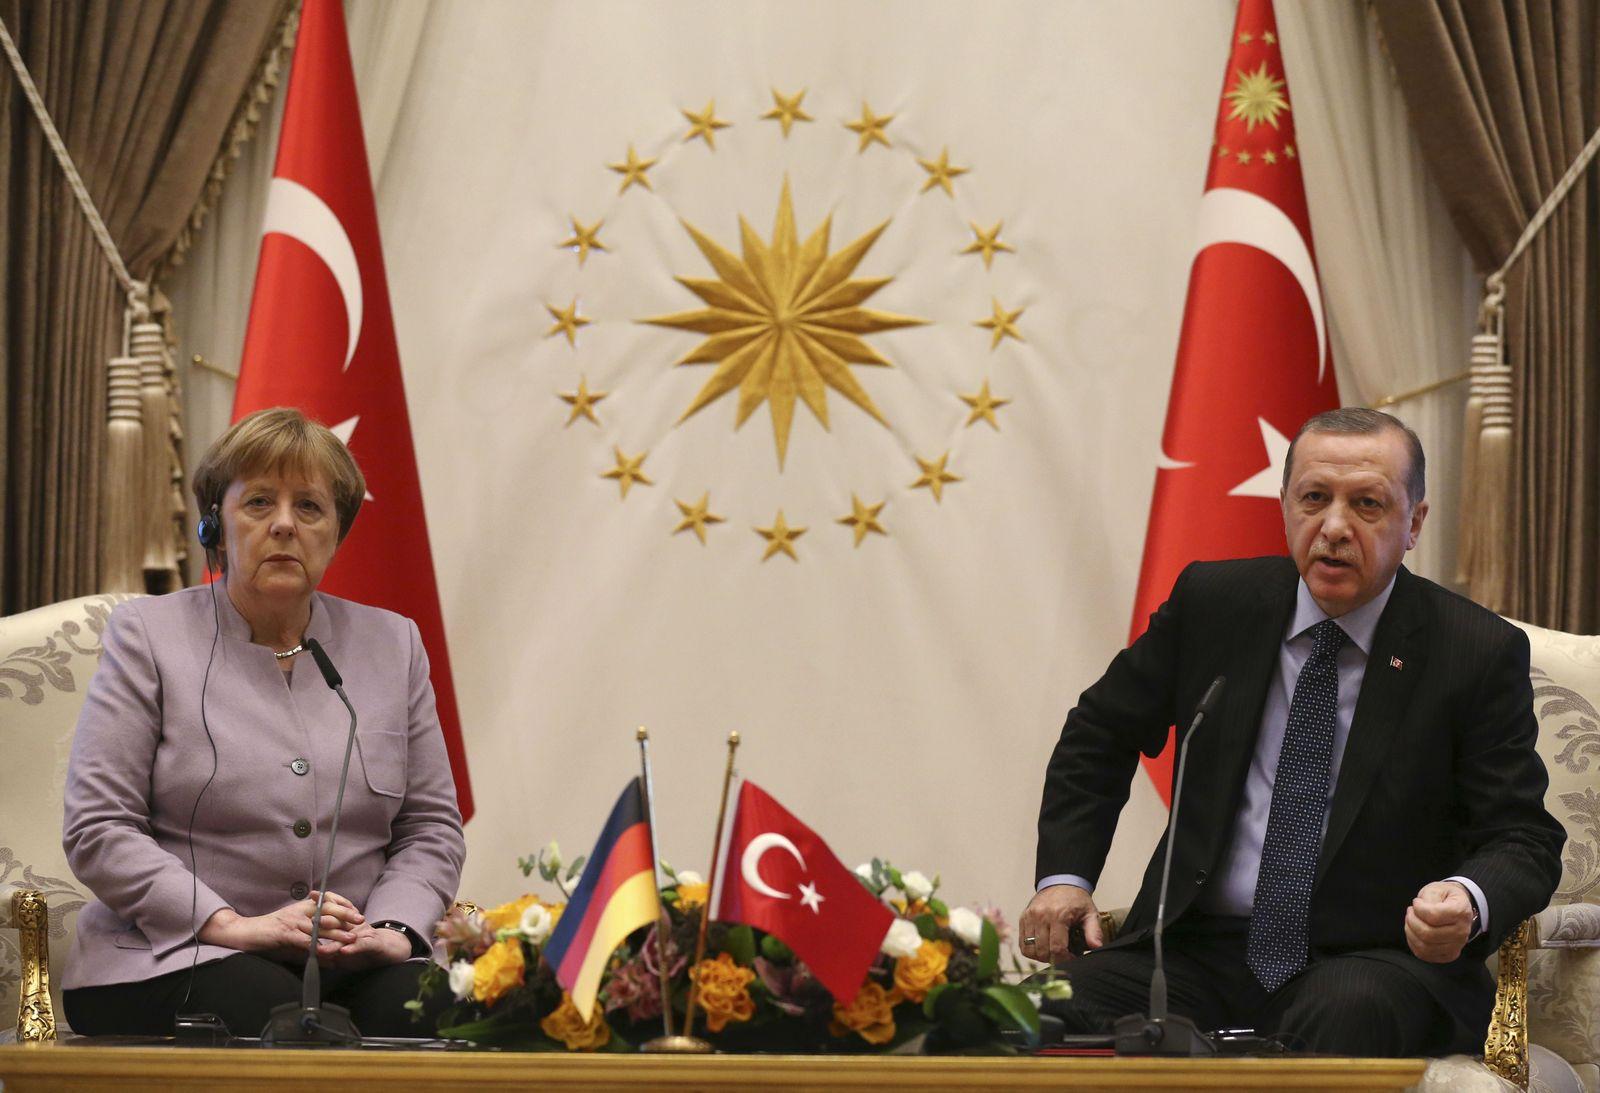 Merkel Erdogan / Februar 2017